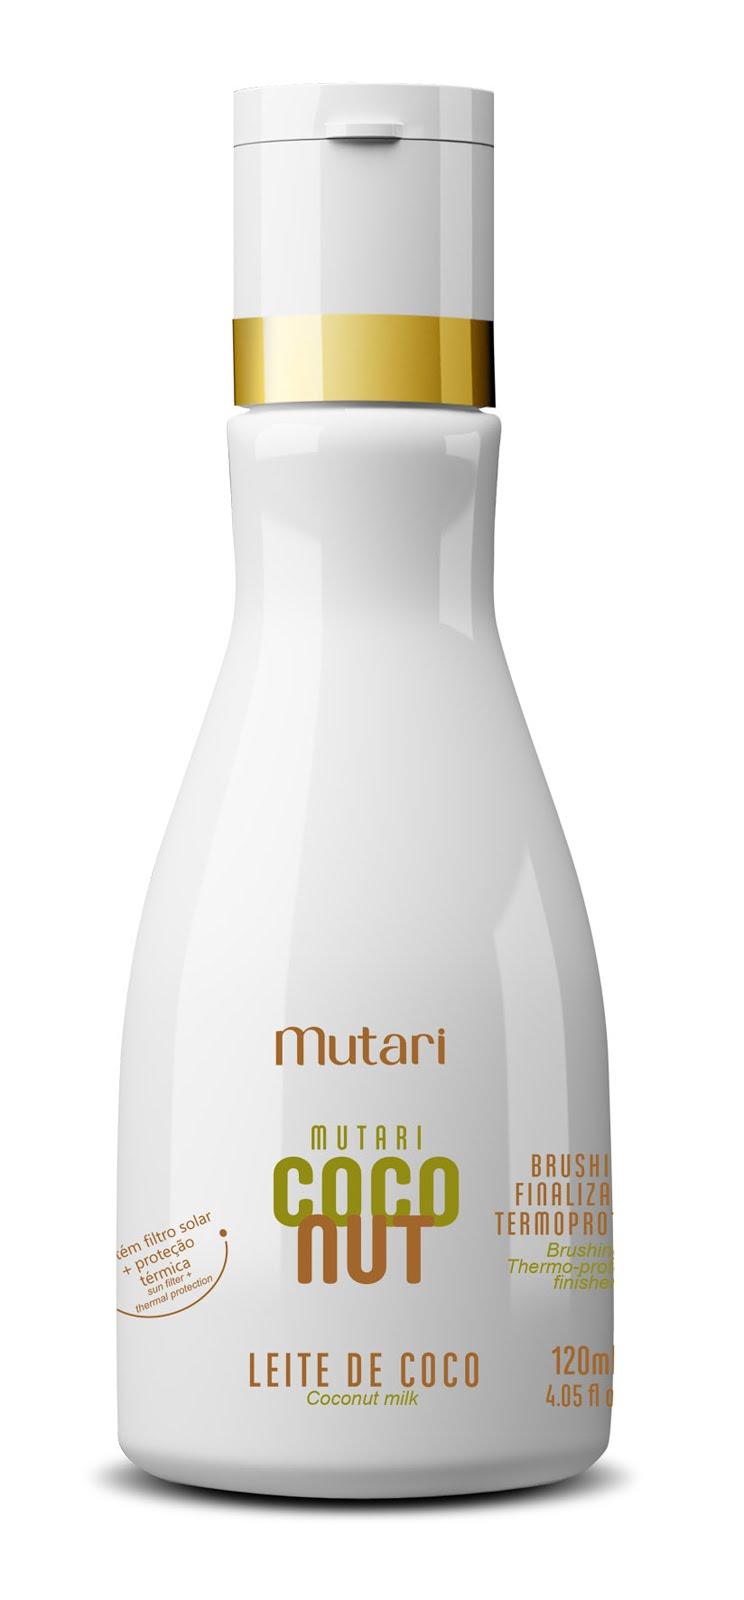 Mutari - Blog Cris Felix